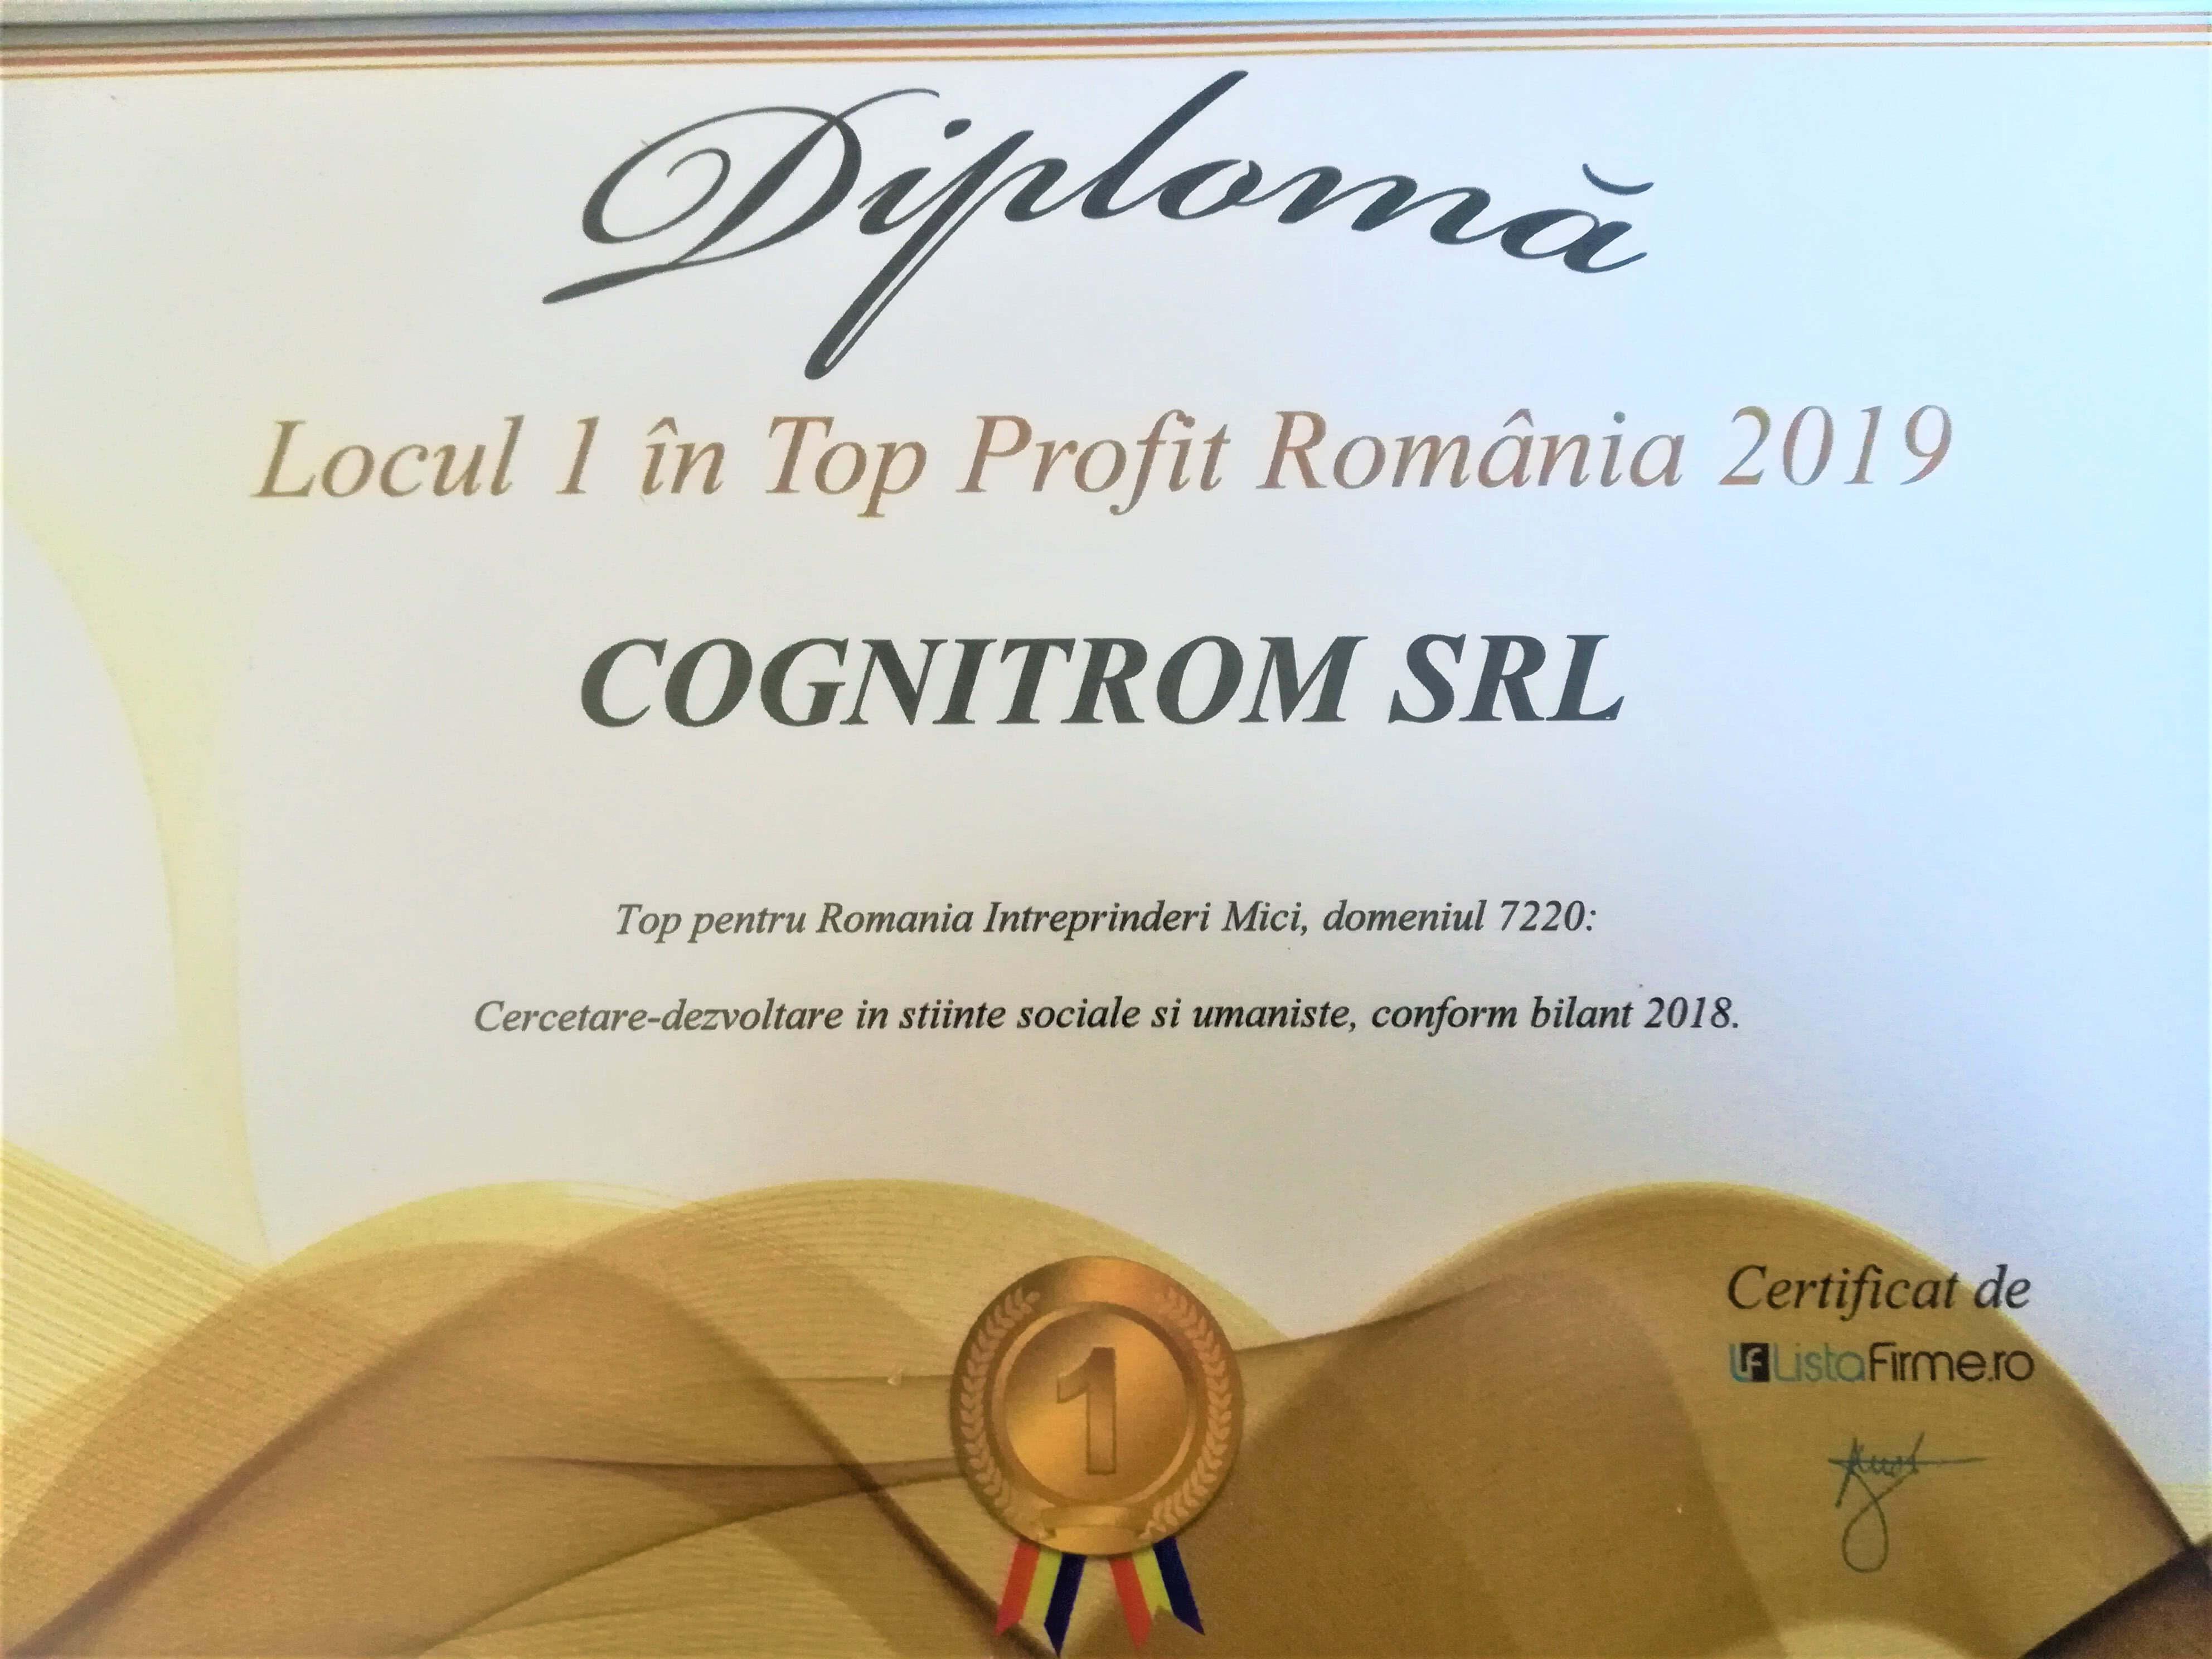 Locul 1 in top profit Romania 2019